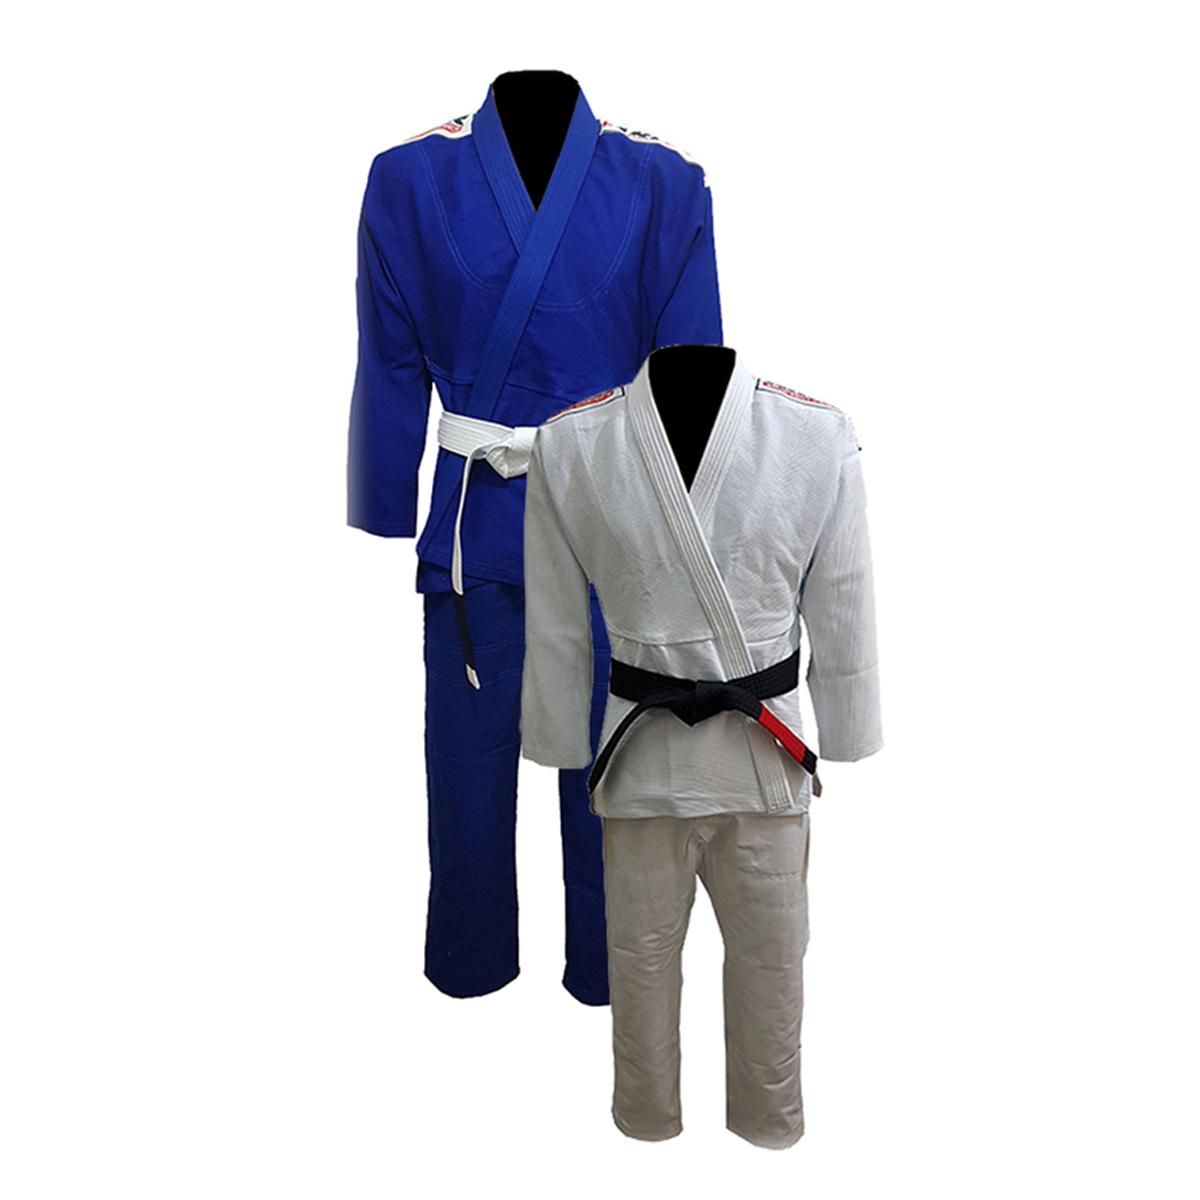 Kimono de Jiu-Jitsu Light Reforçado 100% algodão com Reforço nas axilas, costas, joelhos e peito